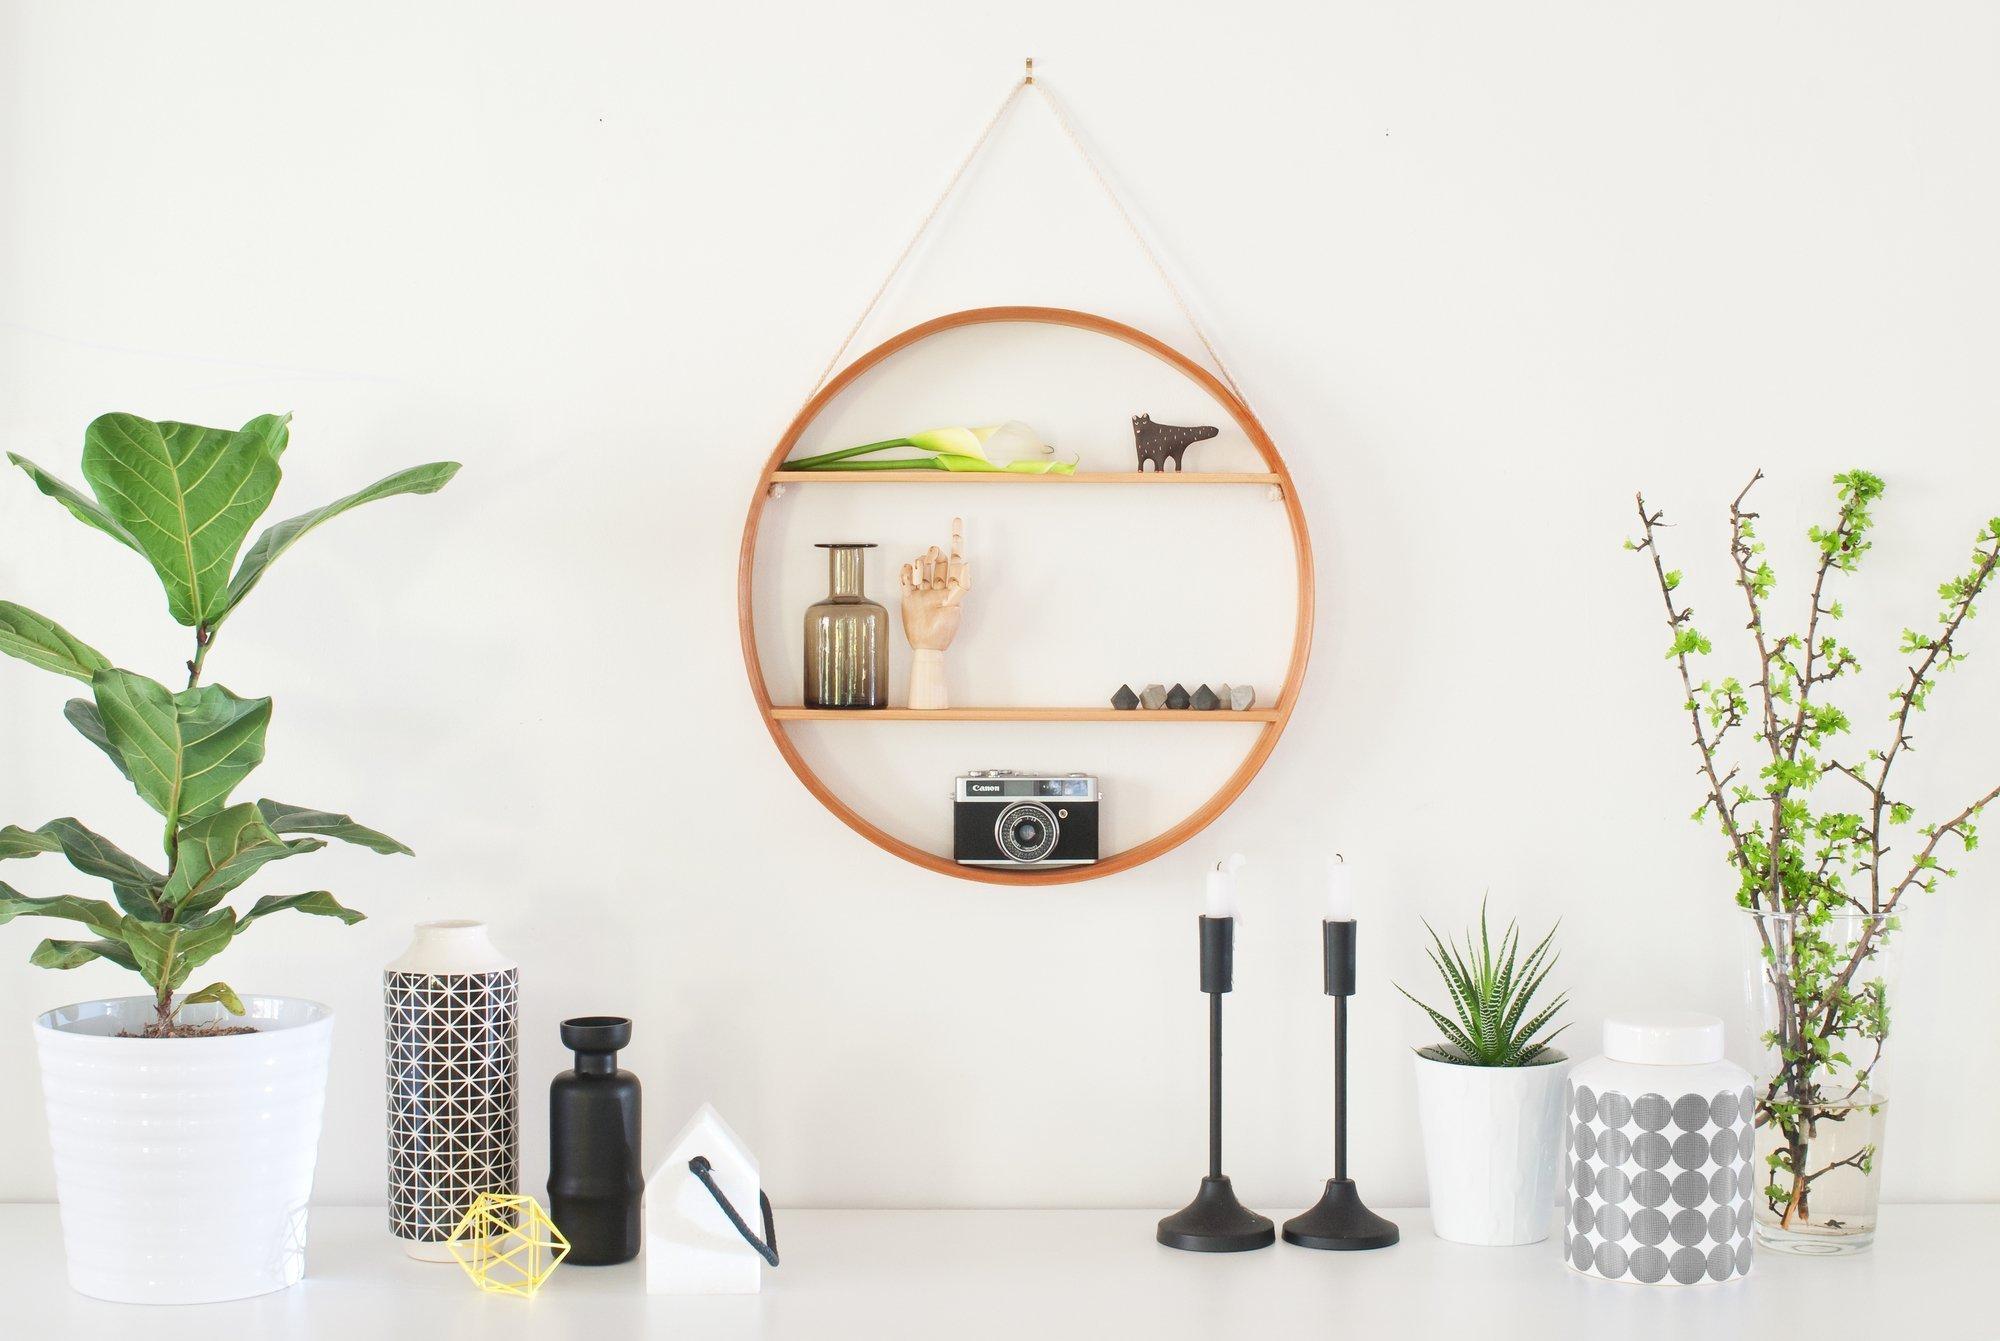 Trvá jen pár minut, než vám v mysli přeorganizují všechen váš nábytek. Hlavním pravidlem u designu je: každý má svůj styl. Ovšem designéři ví toho o trendech a stylech tolik, že si nemohou pomoci a hned si všímají každého detailu, když do domu vstoupí. Pokud se k vám domů chystá nějaký odborník v designu, nebo jste prostě jen zvědaví, co je podle nich důležité, je tento článek pro vás. Dozvíte se spoustu užitečných postřehů.